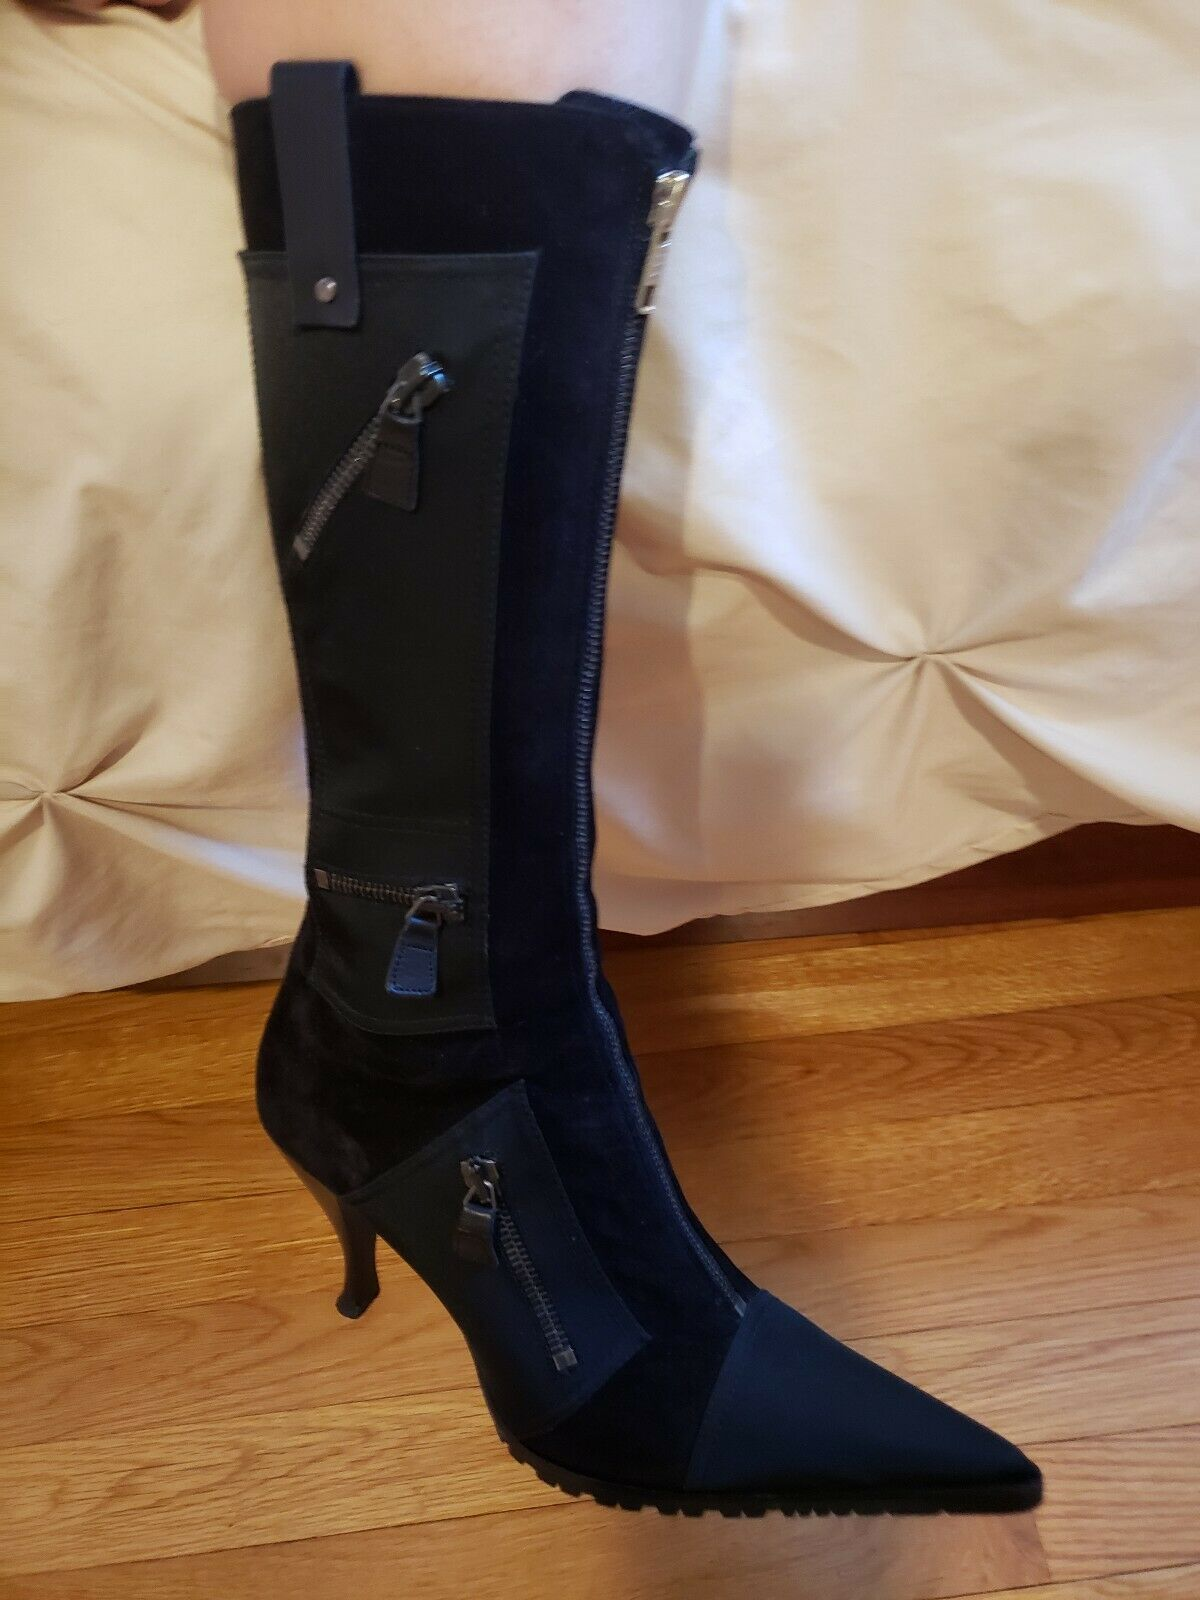 Bottes noires. Vero Cuoio Chaussures Femme Bottes Alerto Gozzi Taille 6 (36.5)